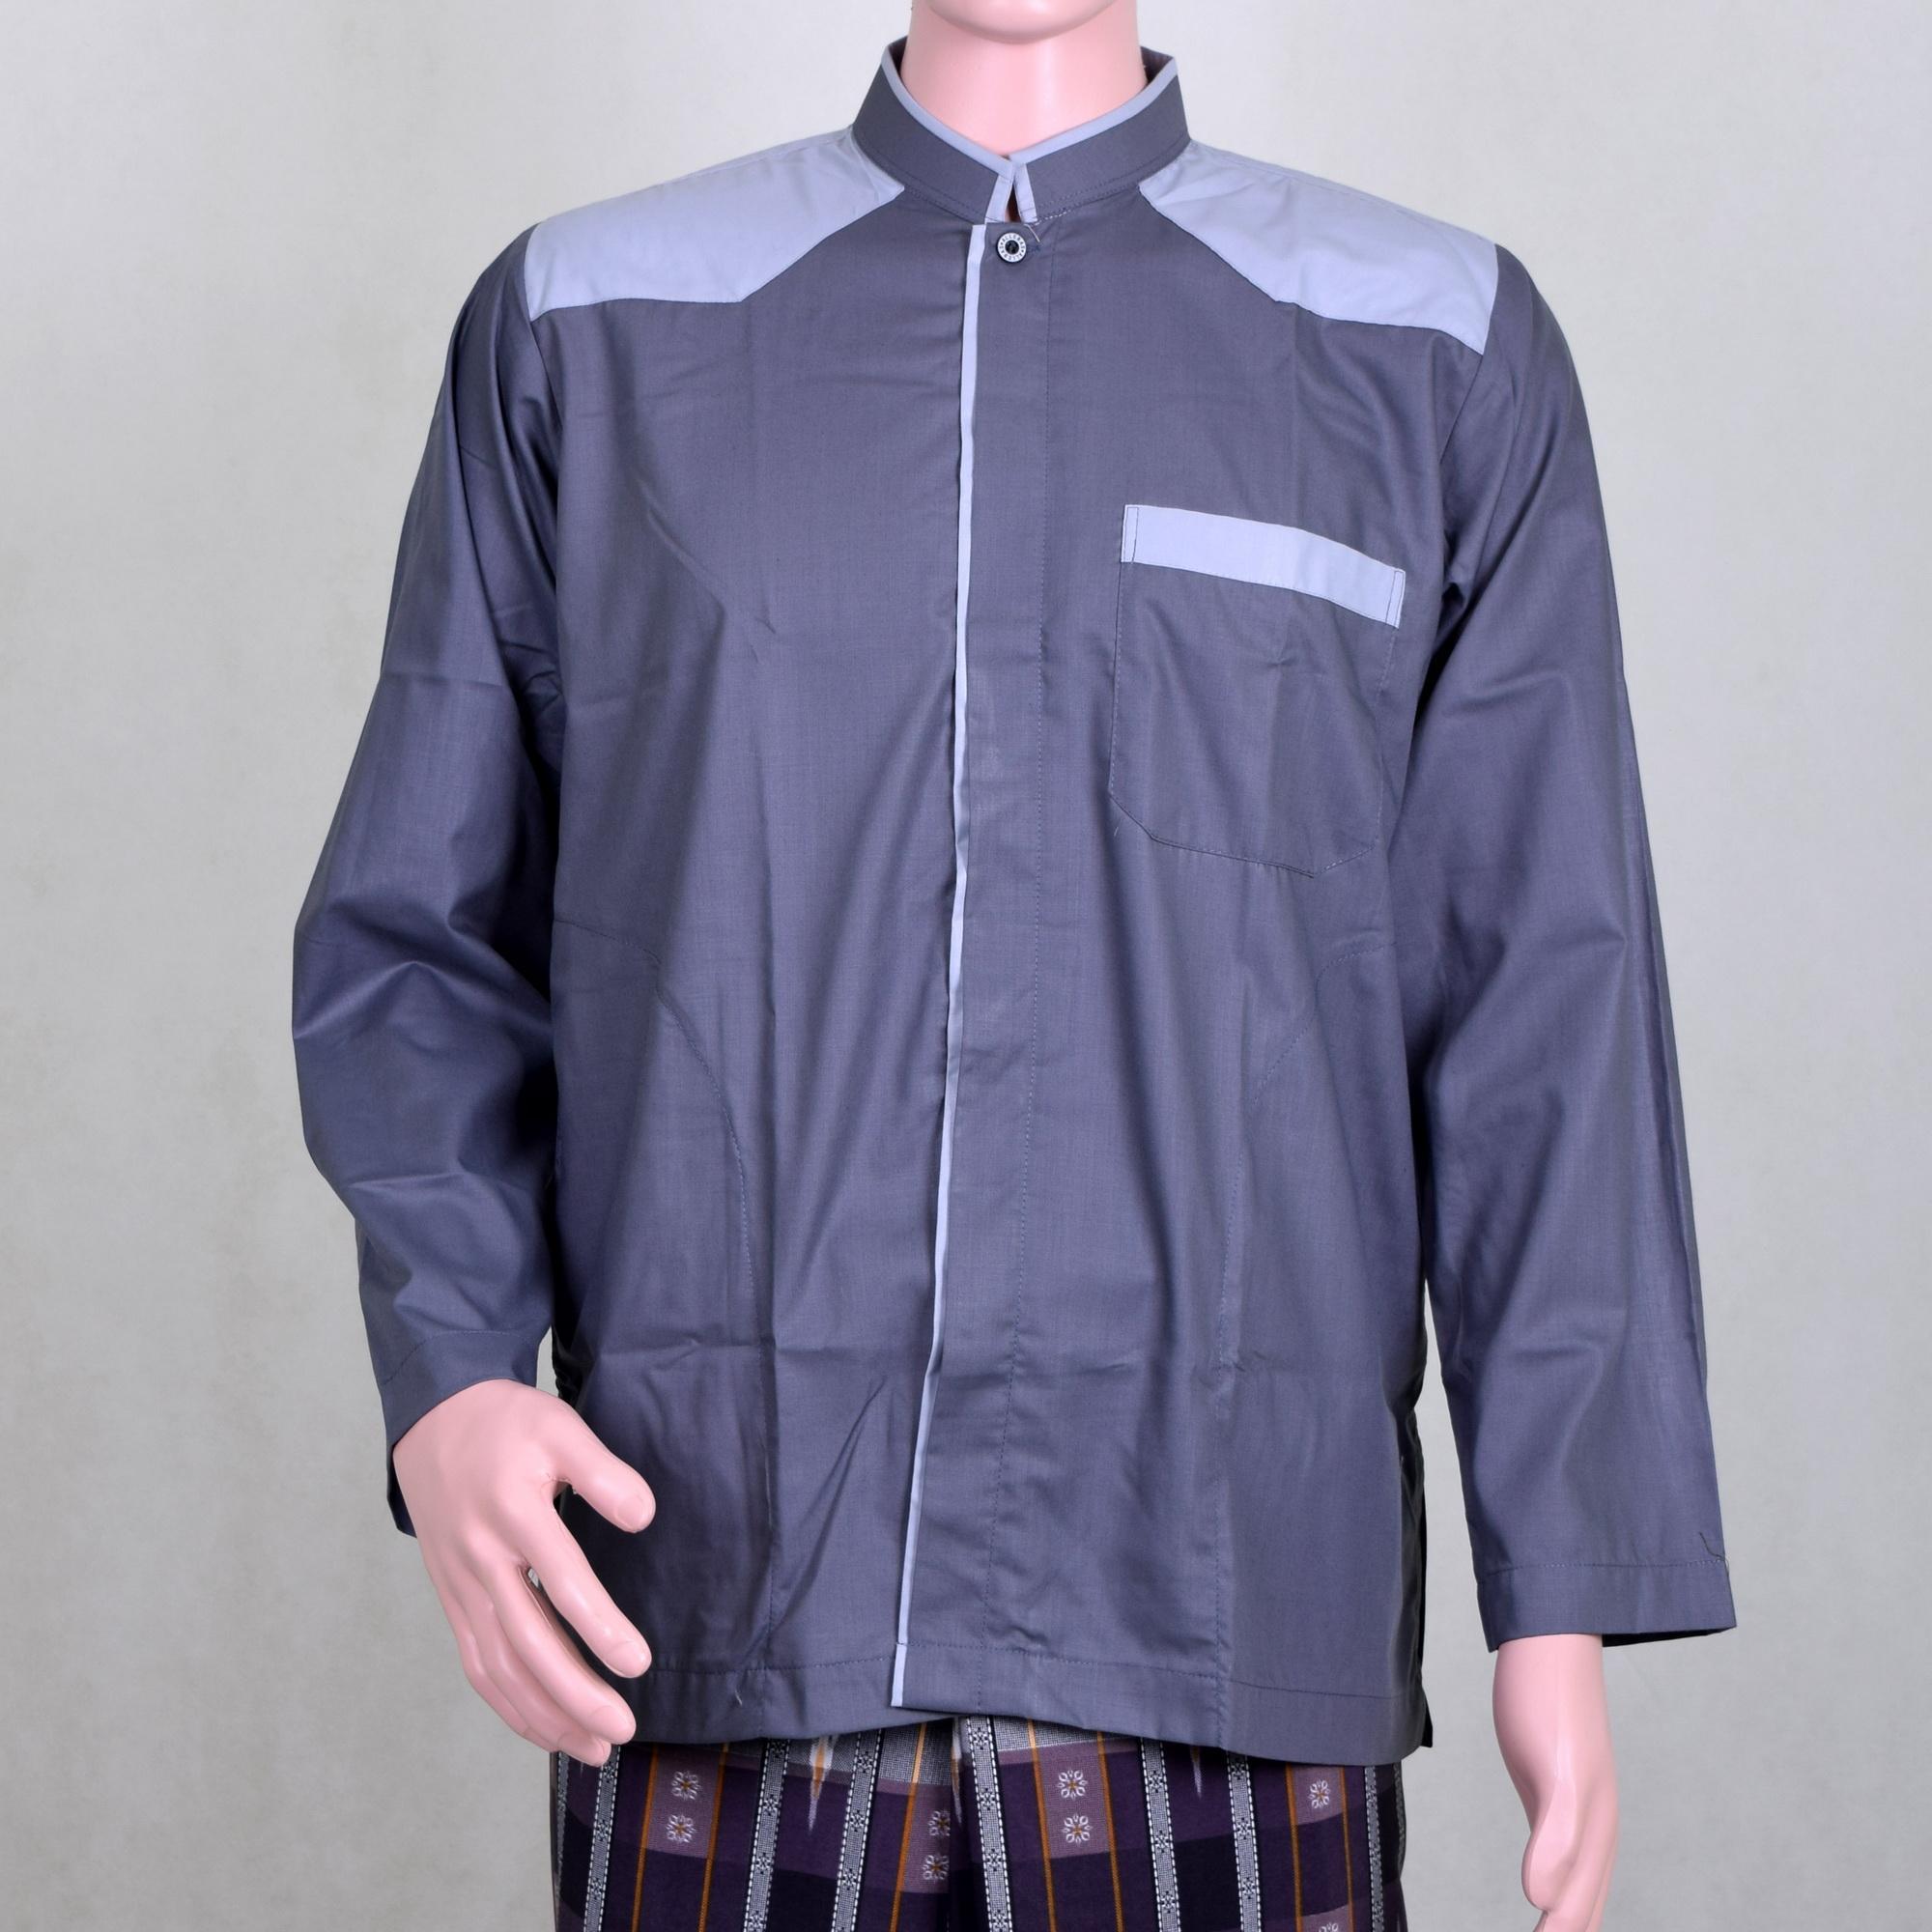 Buy Sell Cheapest Koko Keren Best Quality Product Deals Baju Lengan Panjang Kombinasi Abu2 Tua Pria Abu Murah Berkualitas Dan Berwibawa